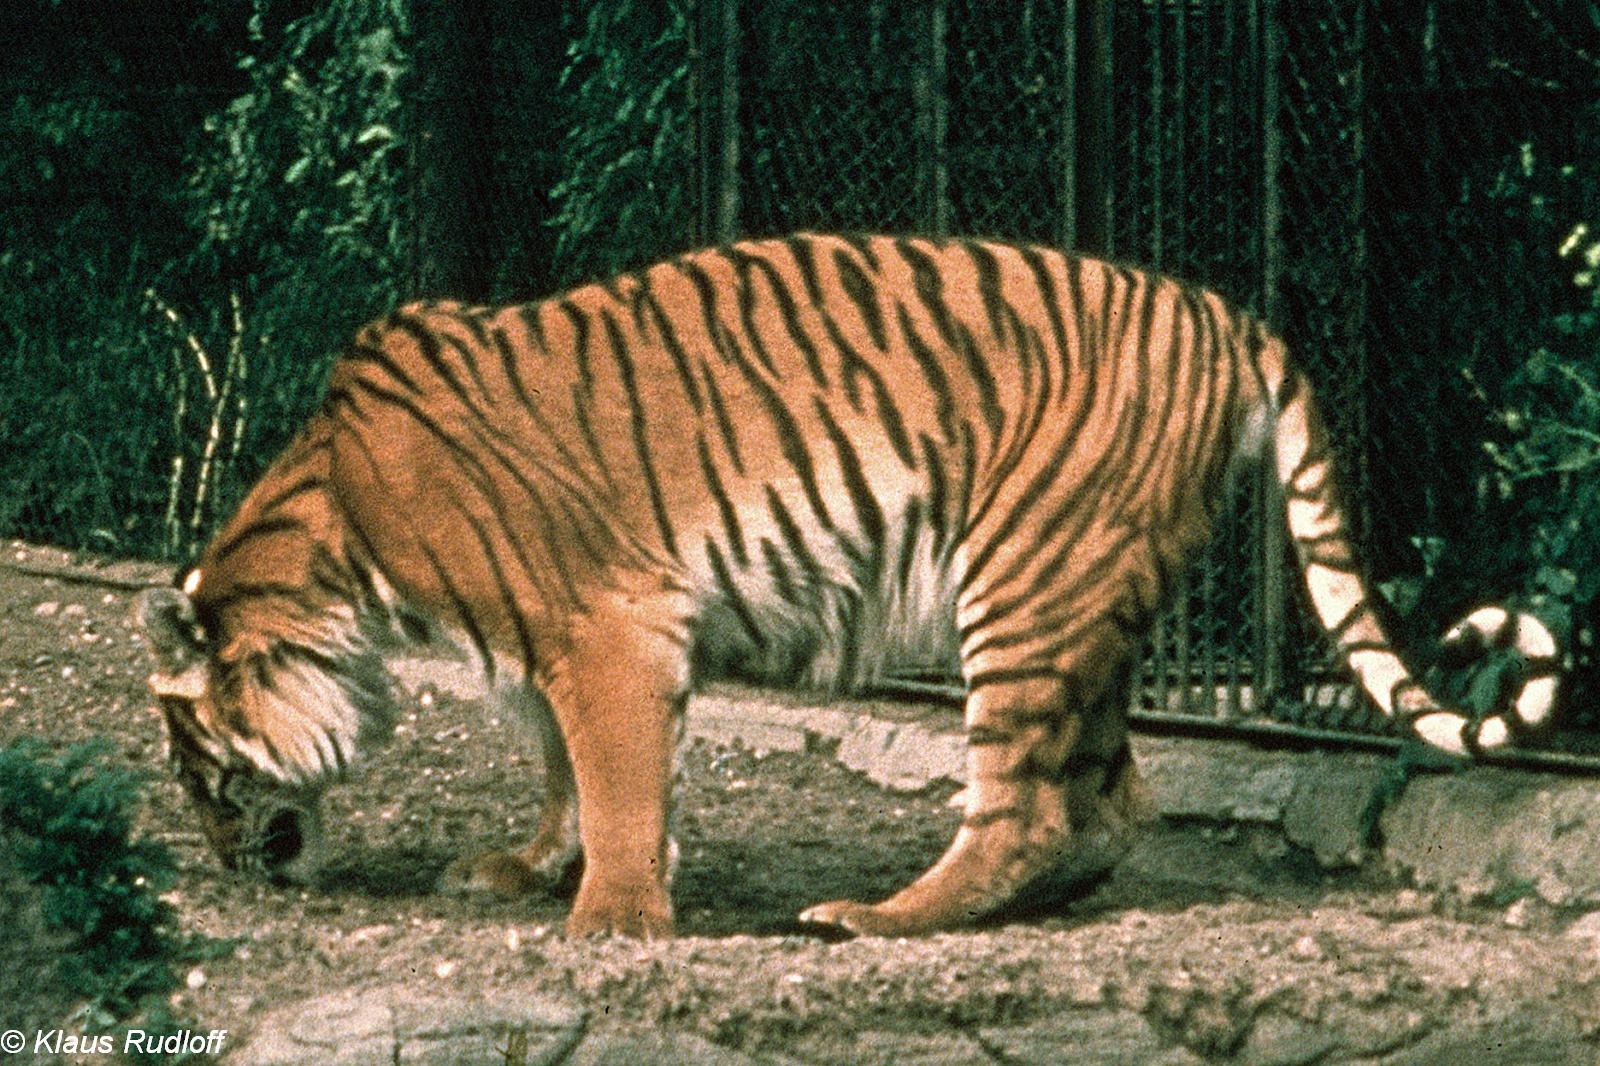 Image - Panthera tigris virgata (Caspian Tiger) | BioLib.cz